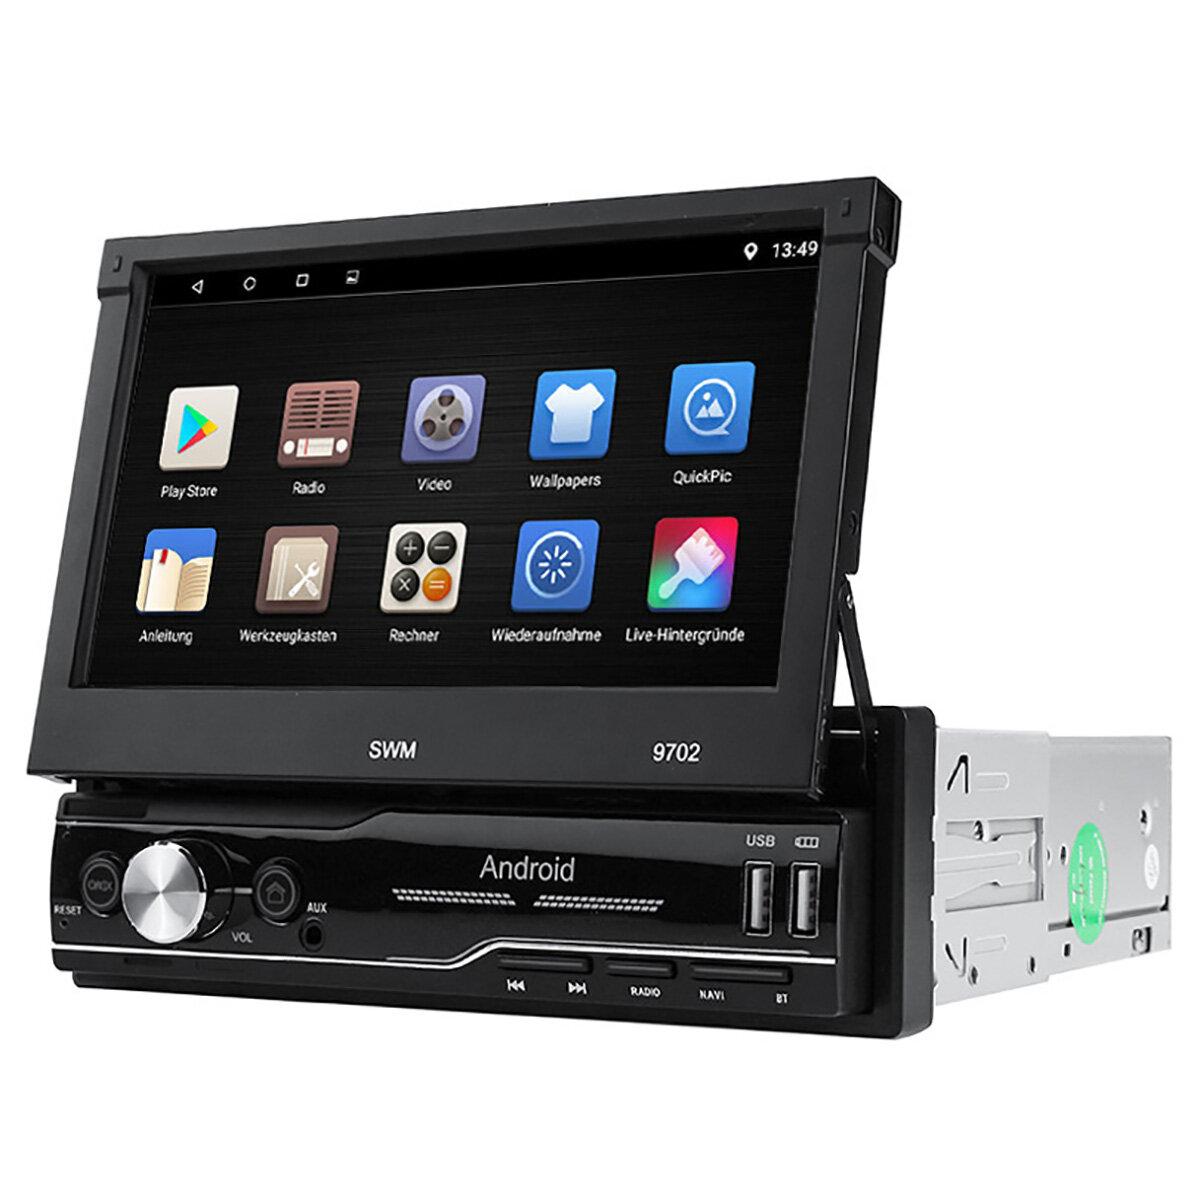 9702 7 pollici 1 Din per Android 8.1 Car Radio Stereo MP5 Player 4 Core 1 + 16G bluetooth GPS Touchscreen telescopico retrattile Wifi AUX FM